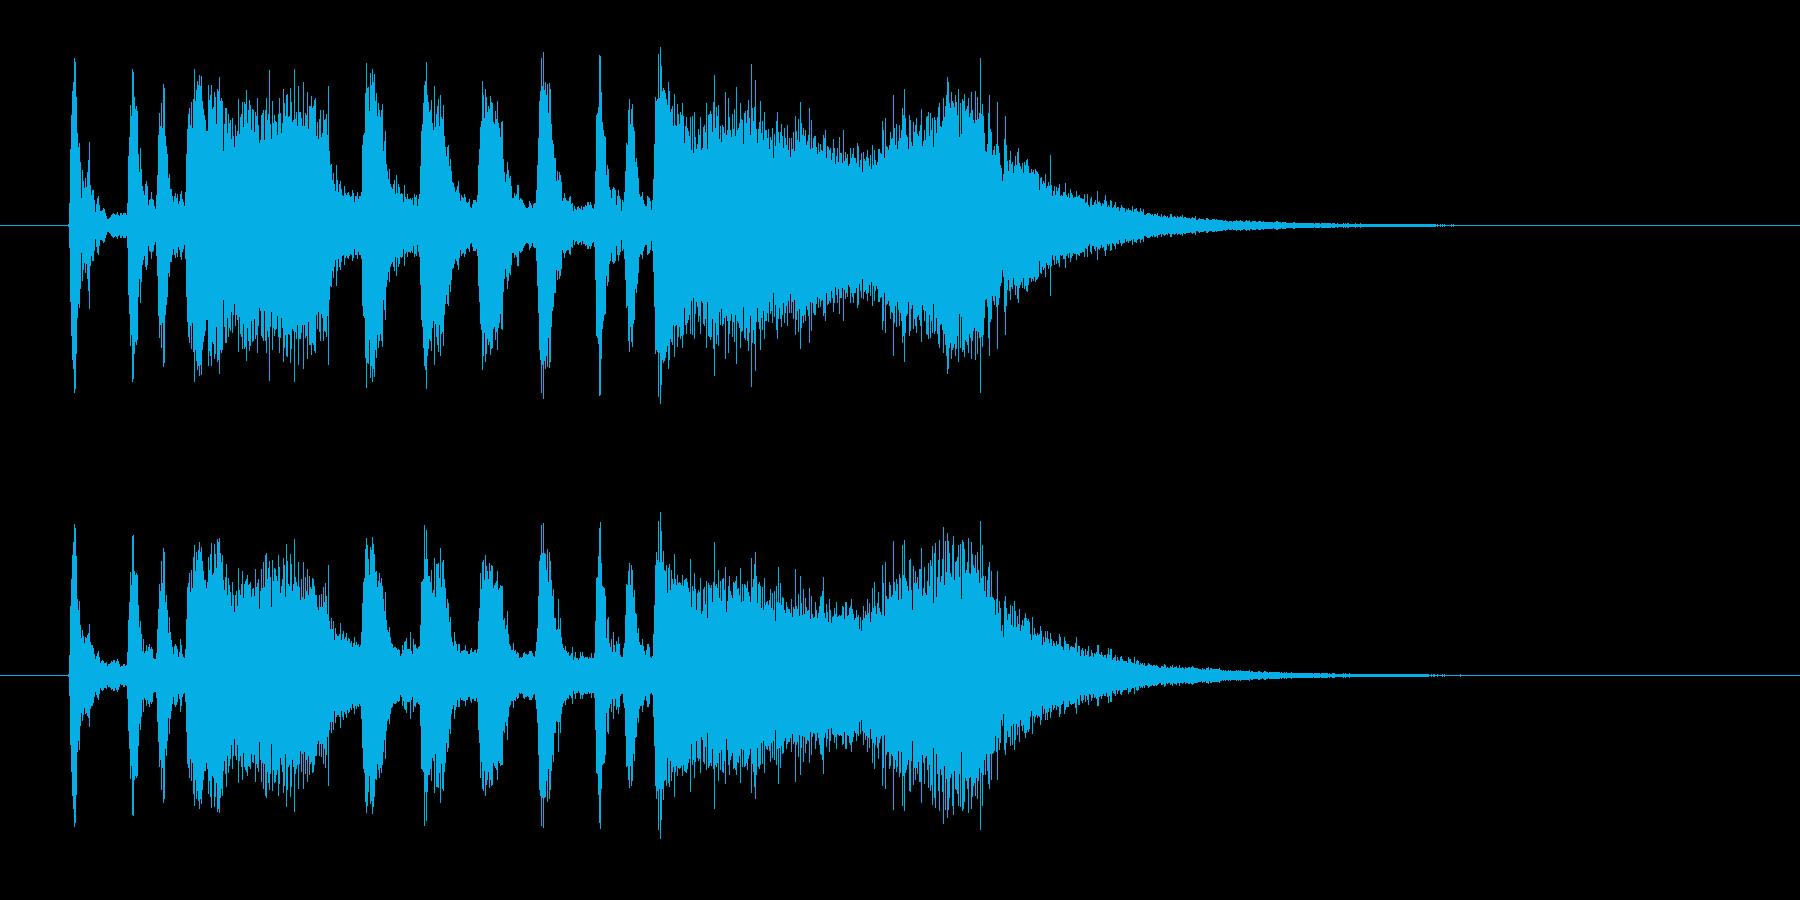 パンパカパーンのメロディーの再生済みの波形